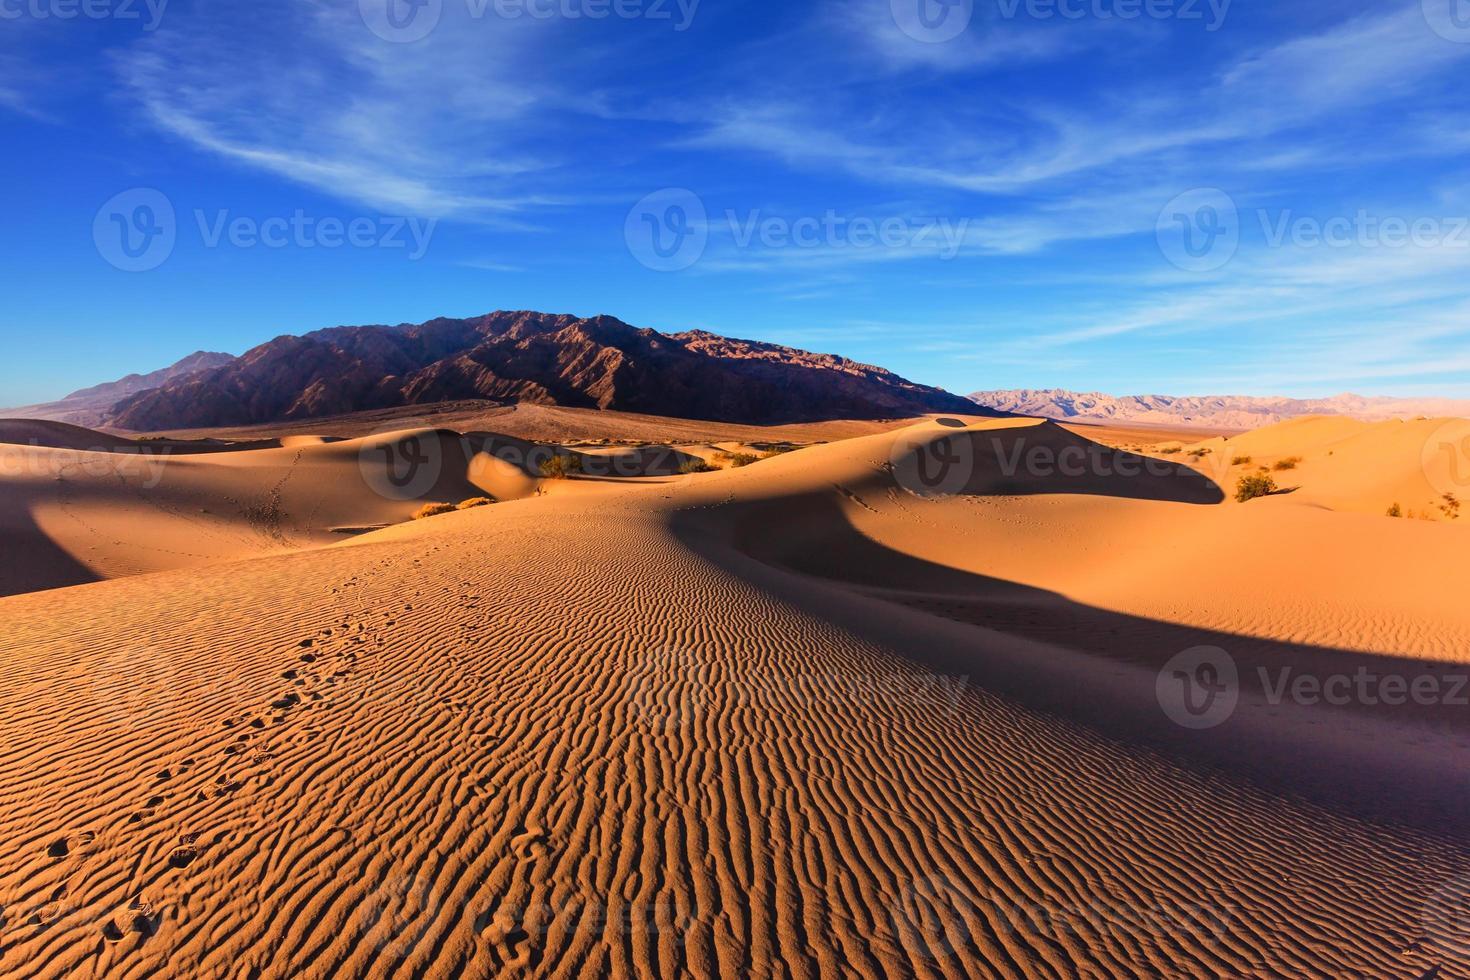 sonniger Morgen im Death Valley foto